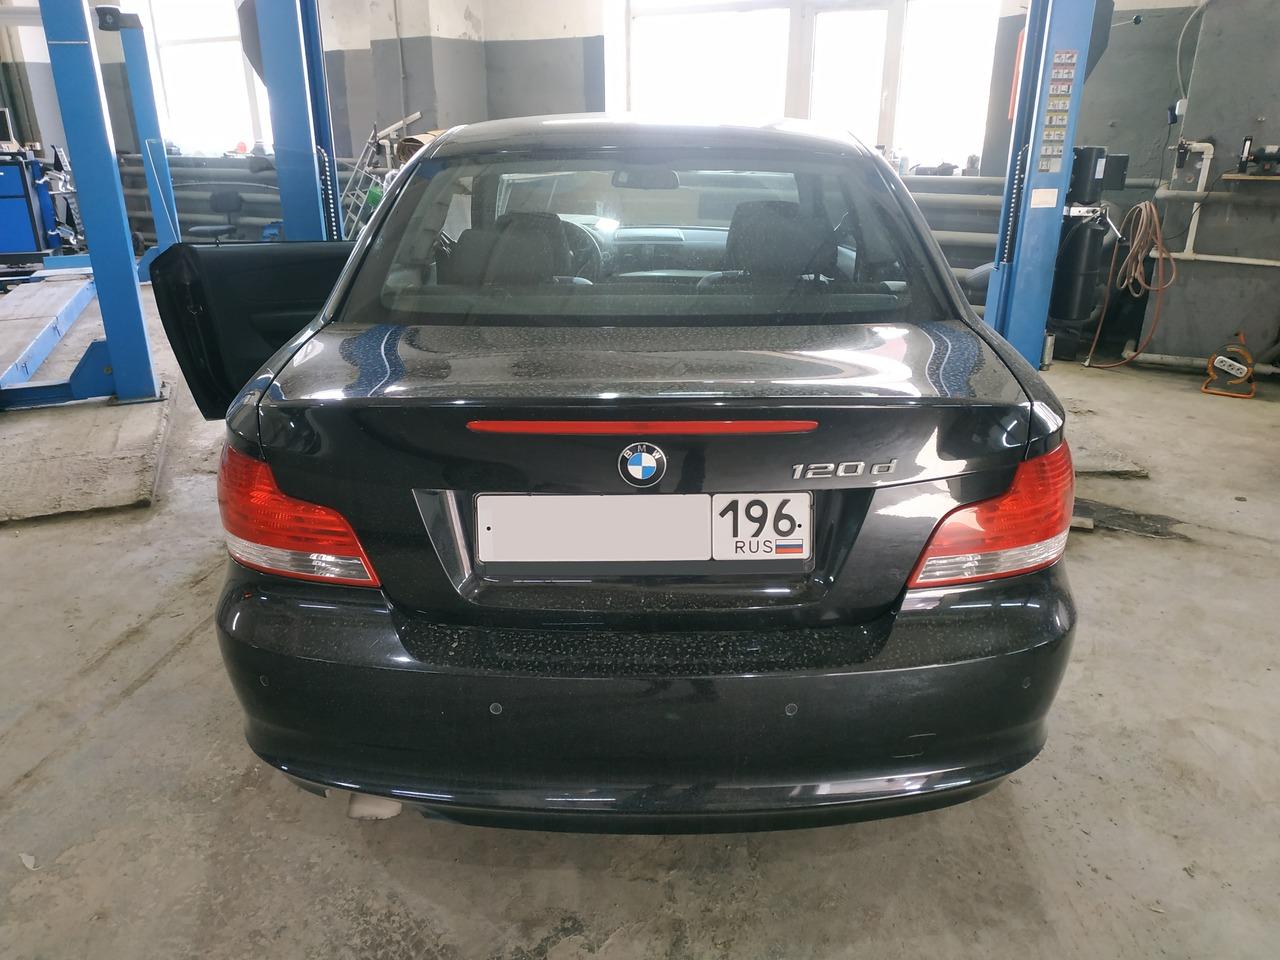 BMW E82 120d, вид сзади